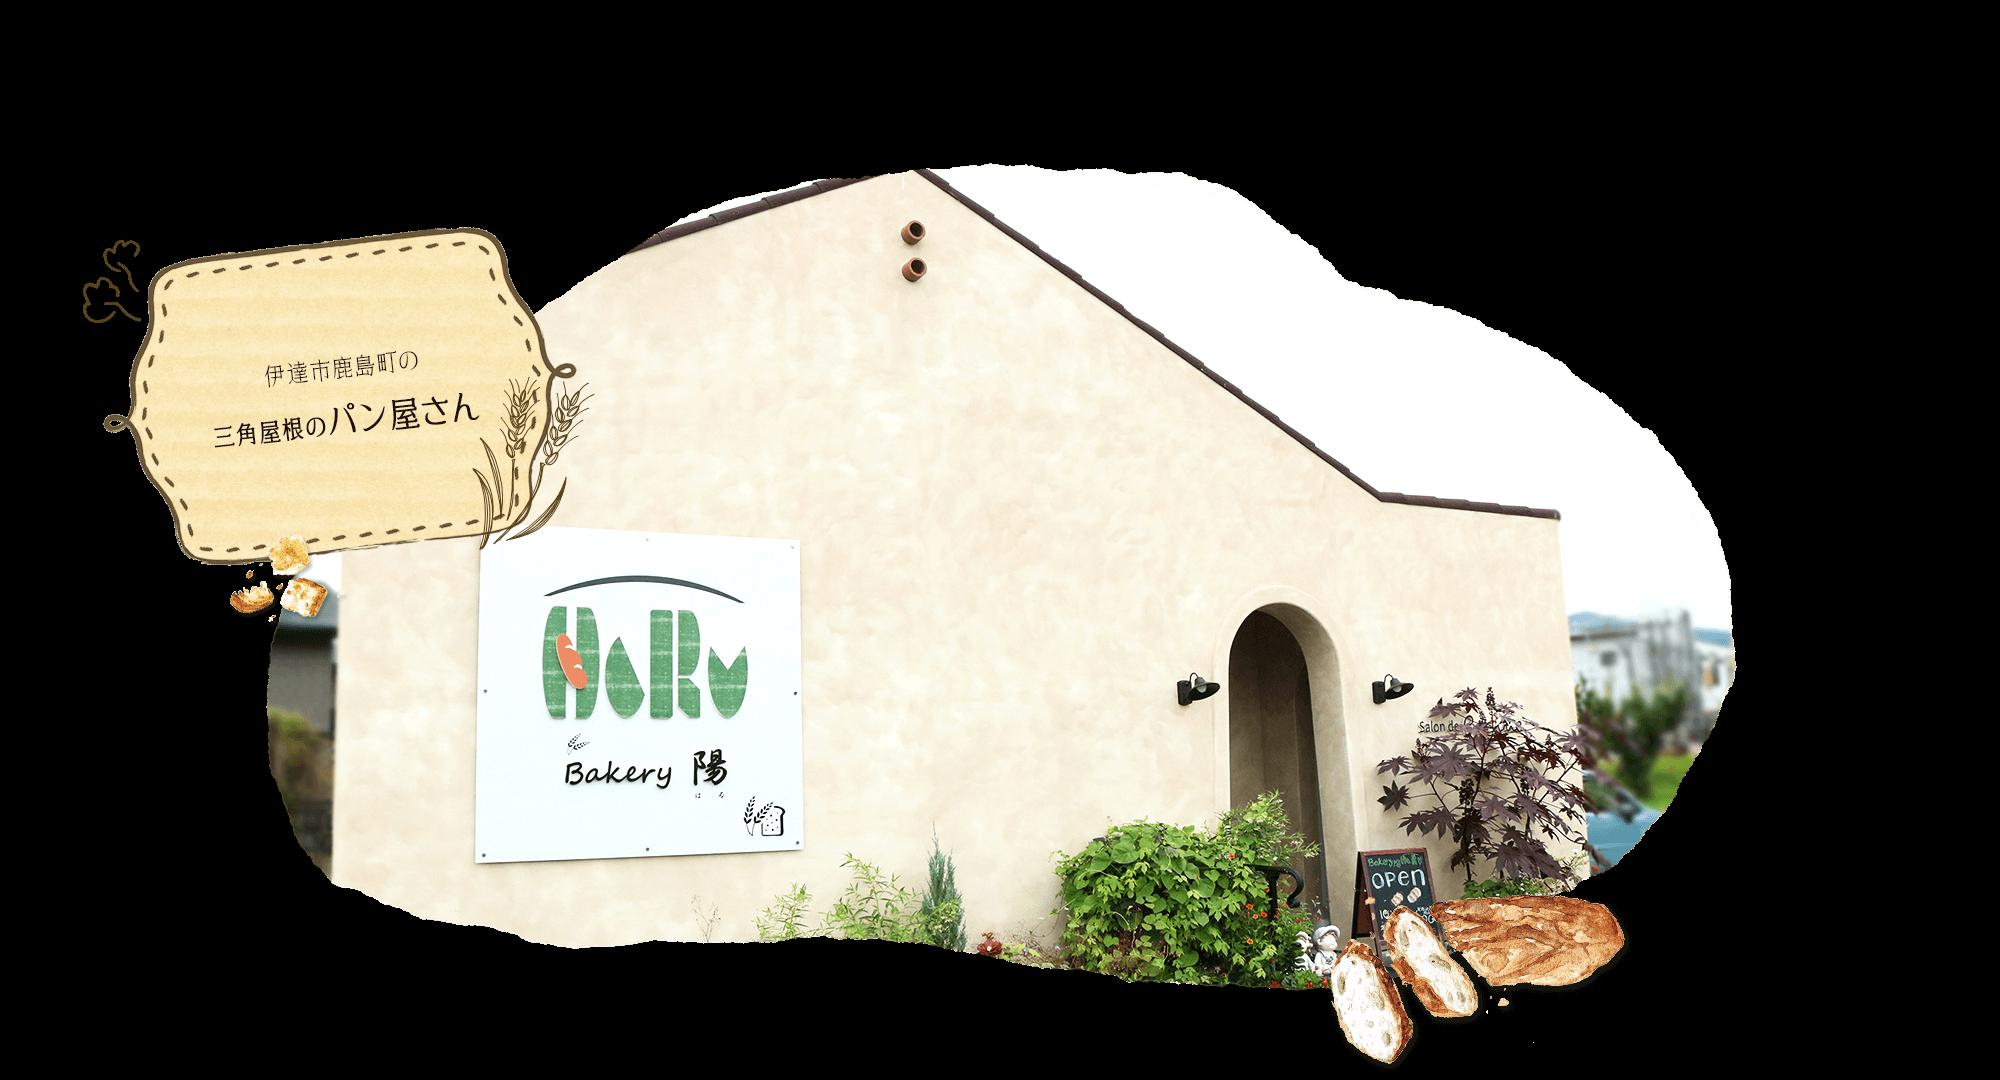 伊達市鹿島町の三角屋根のパン屋さん